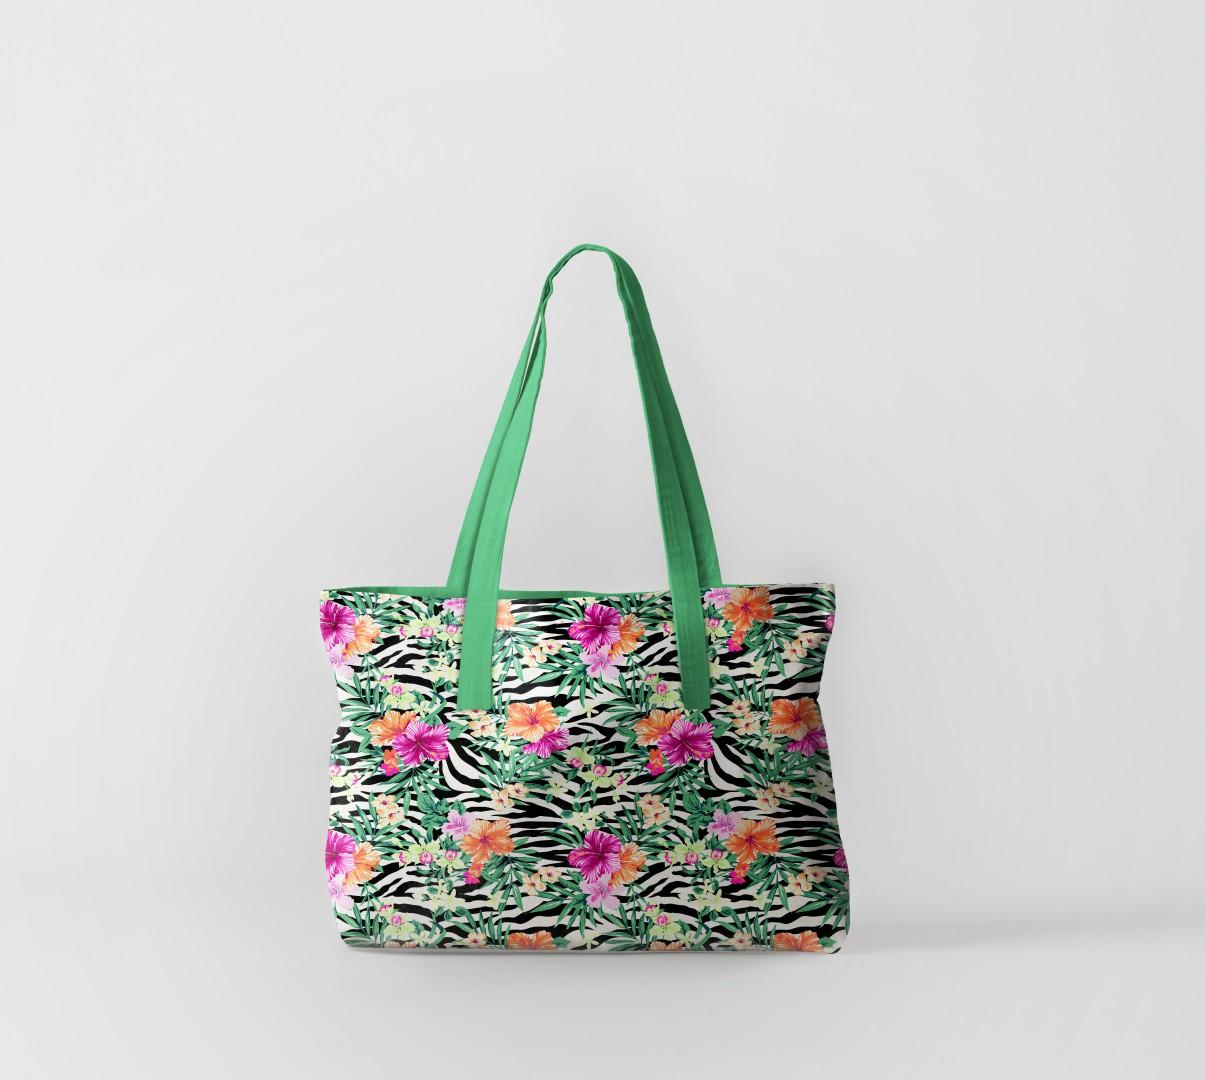 Пляжная сумка Тропические цветы (50х40 см) Олимп Текстиль oli732596